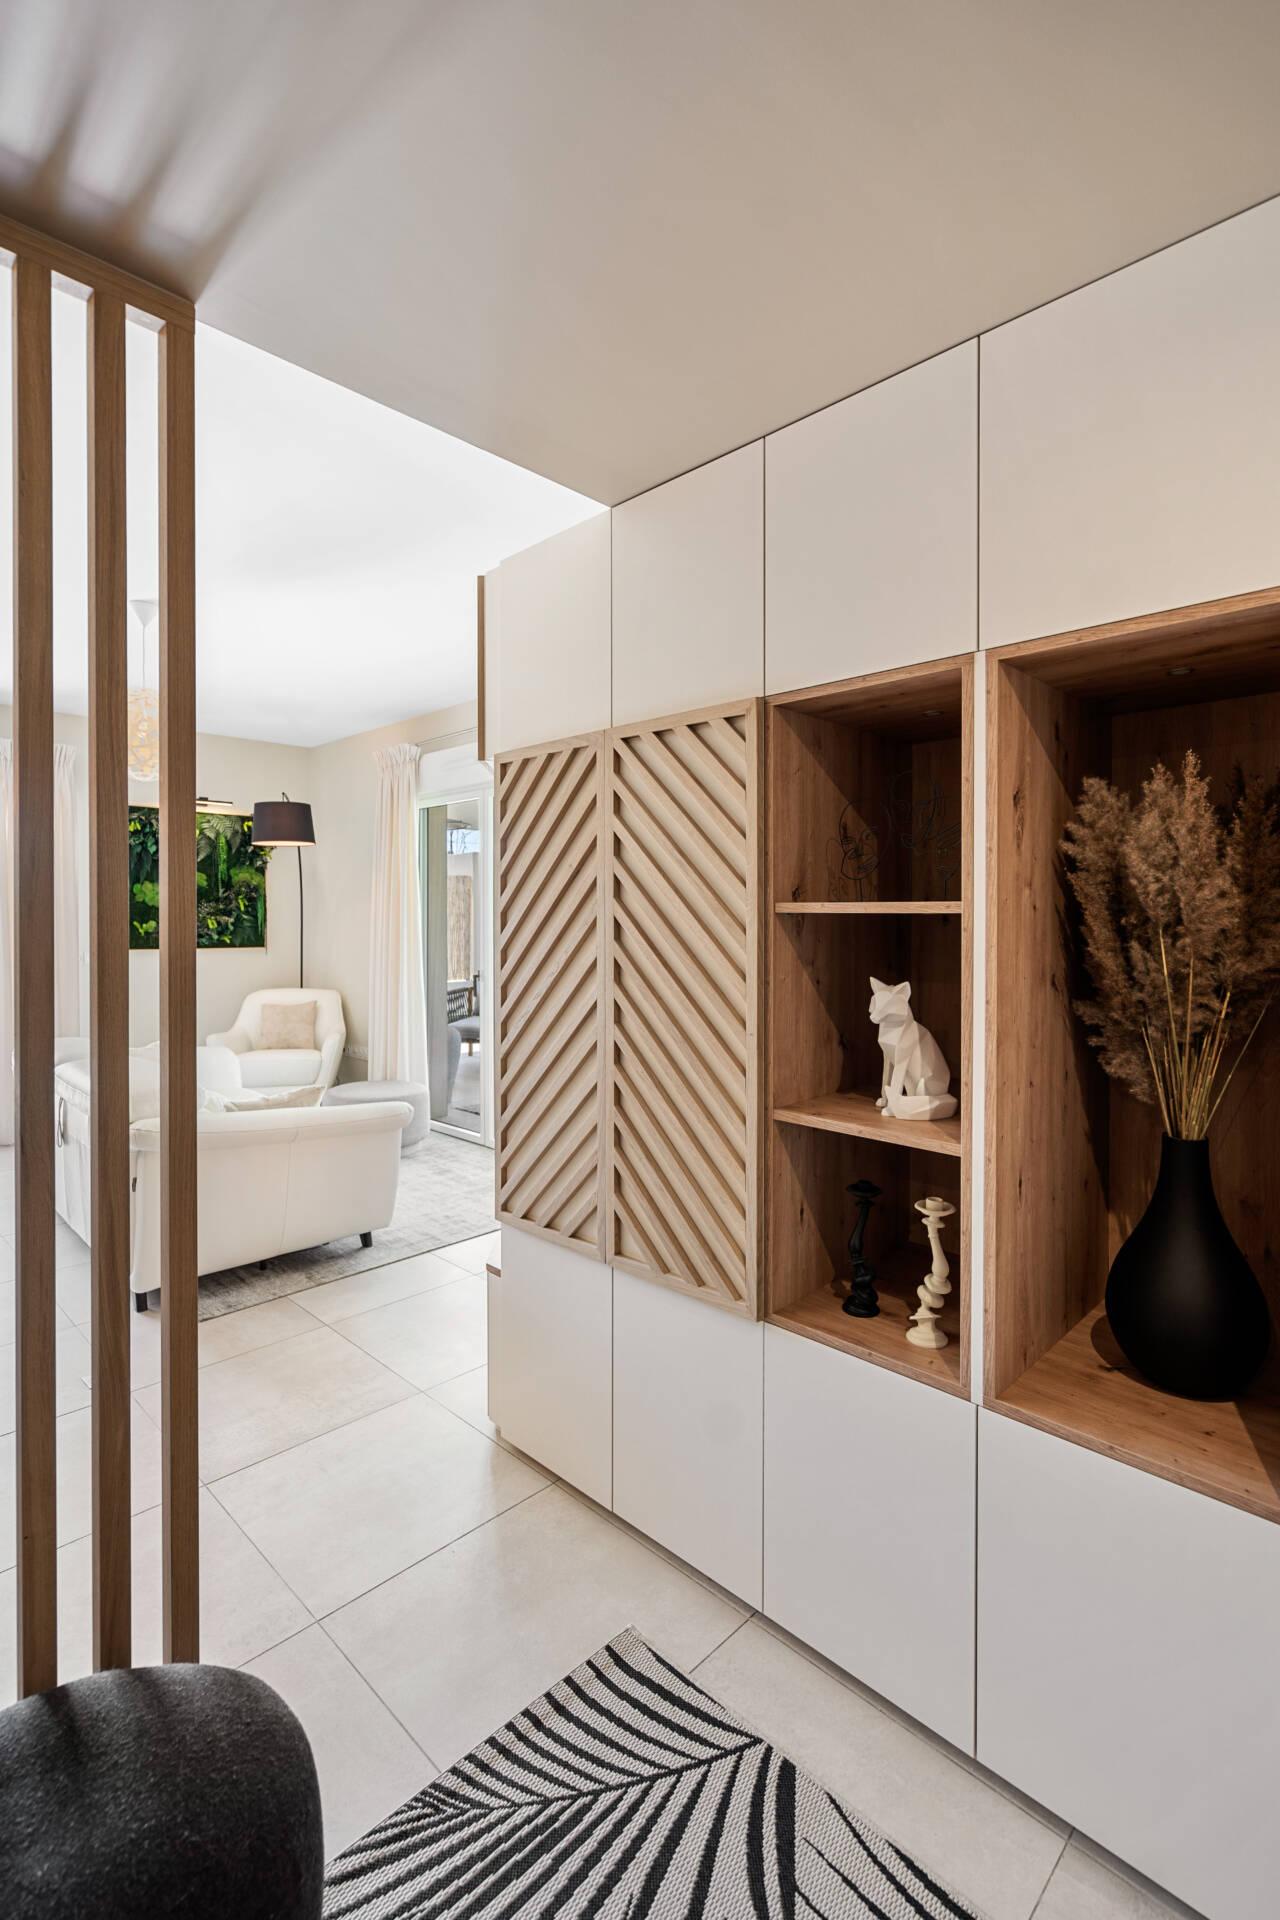 Décoration et agencement Appartement neuf Aix en Provence - Entrée avec meuble sur mesure bois et blanc (2), par Myll décors , Agence de décoration à Aix en Provence et dans le Var